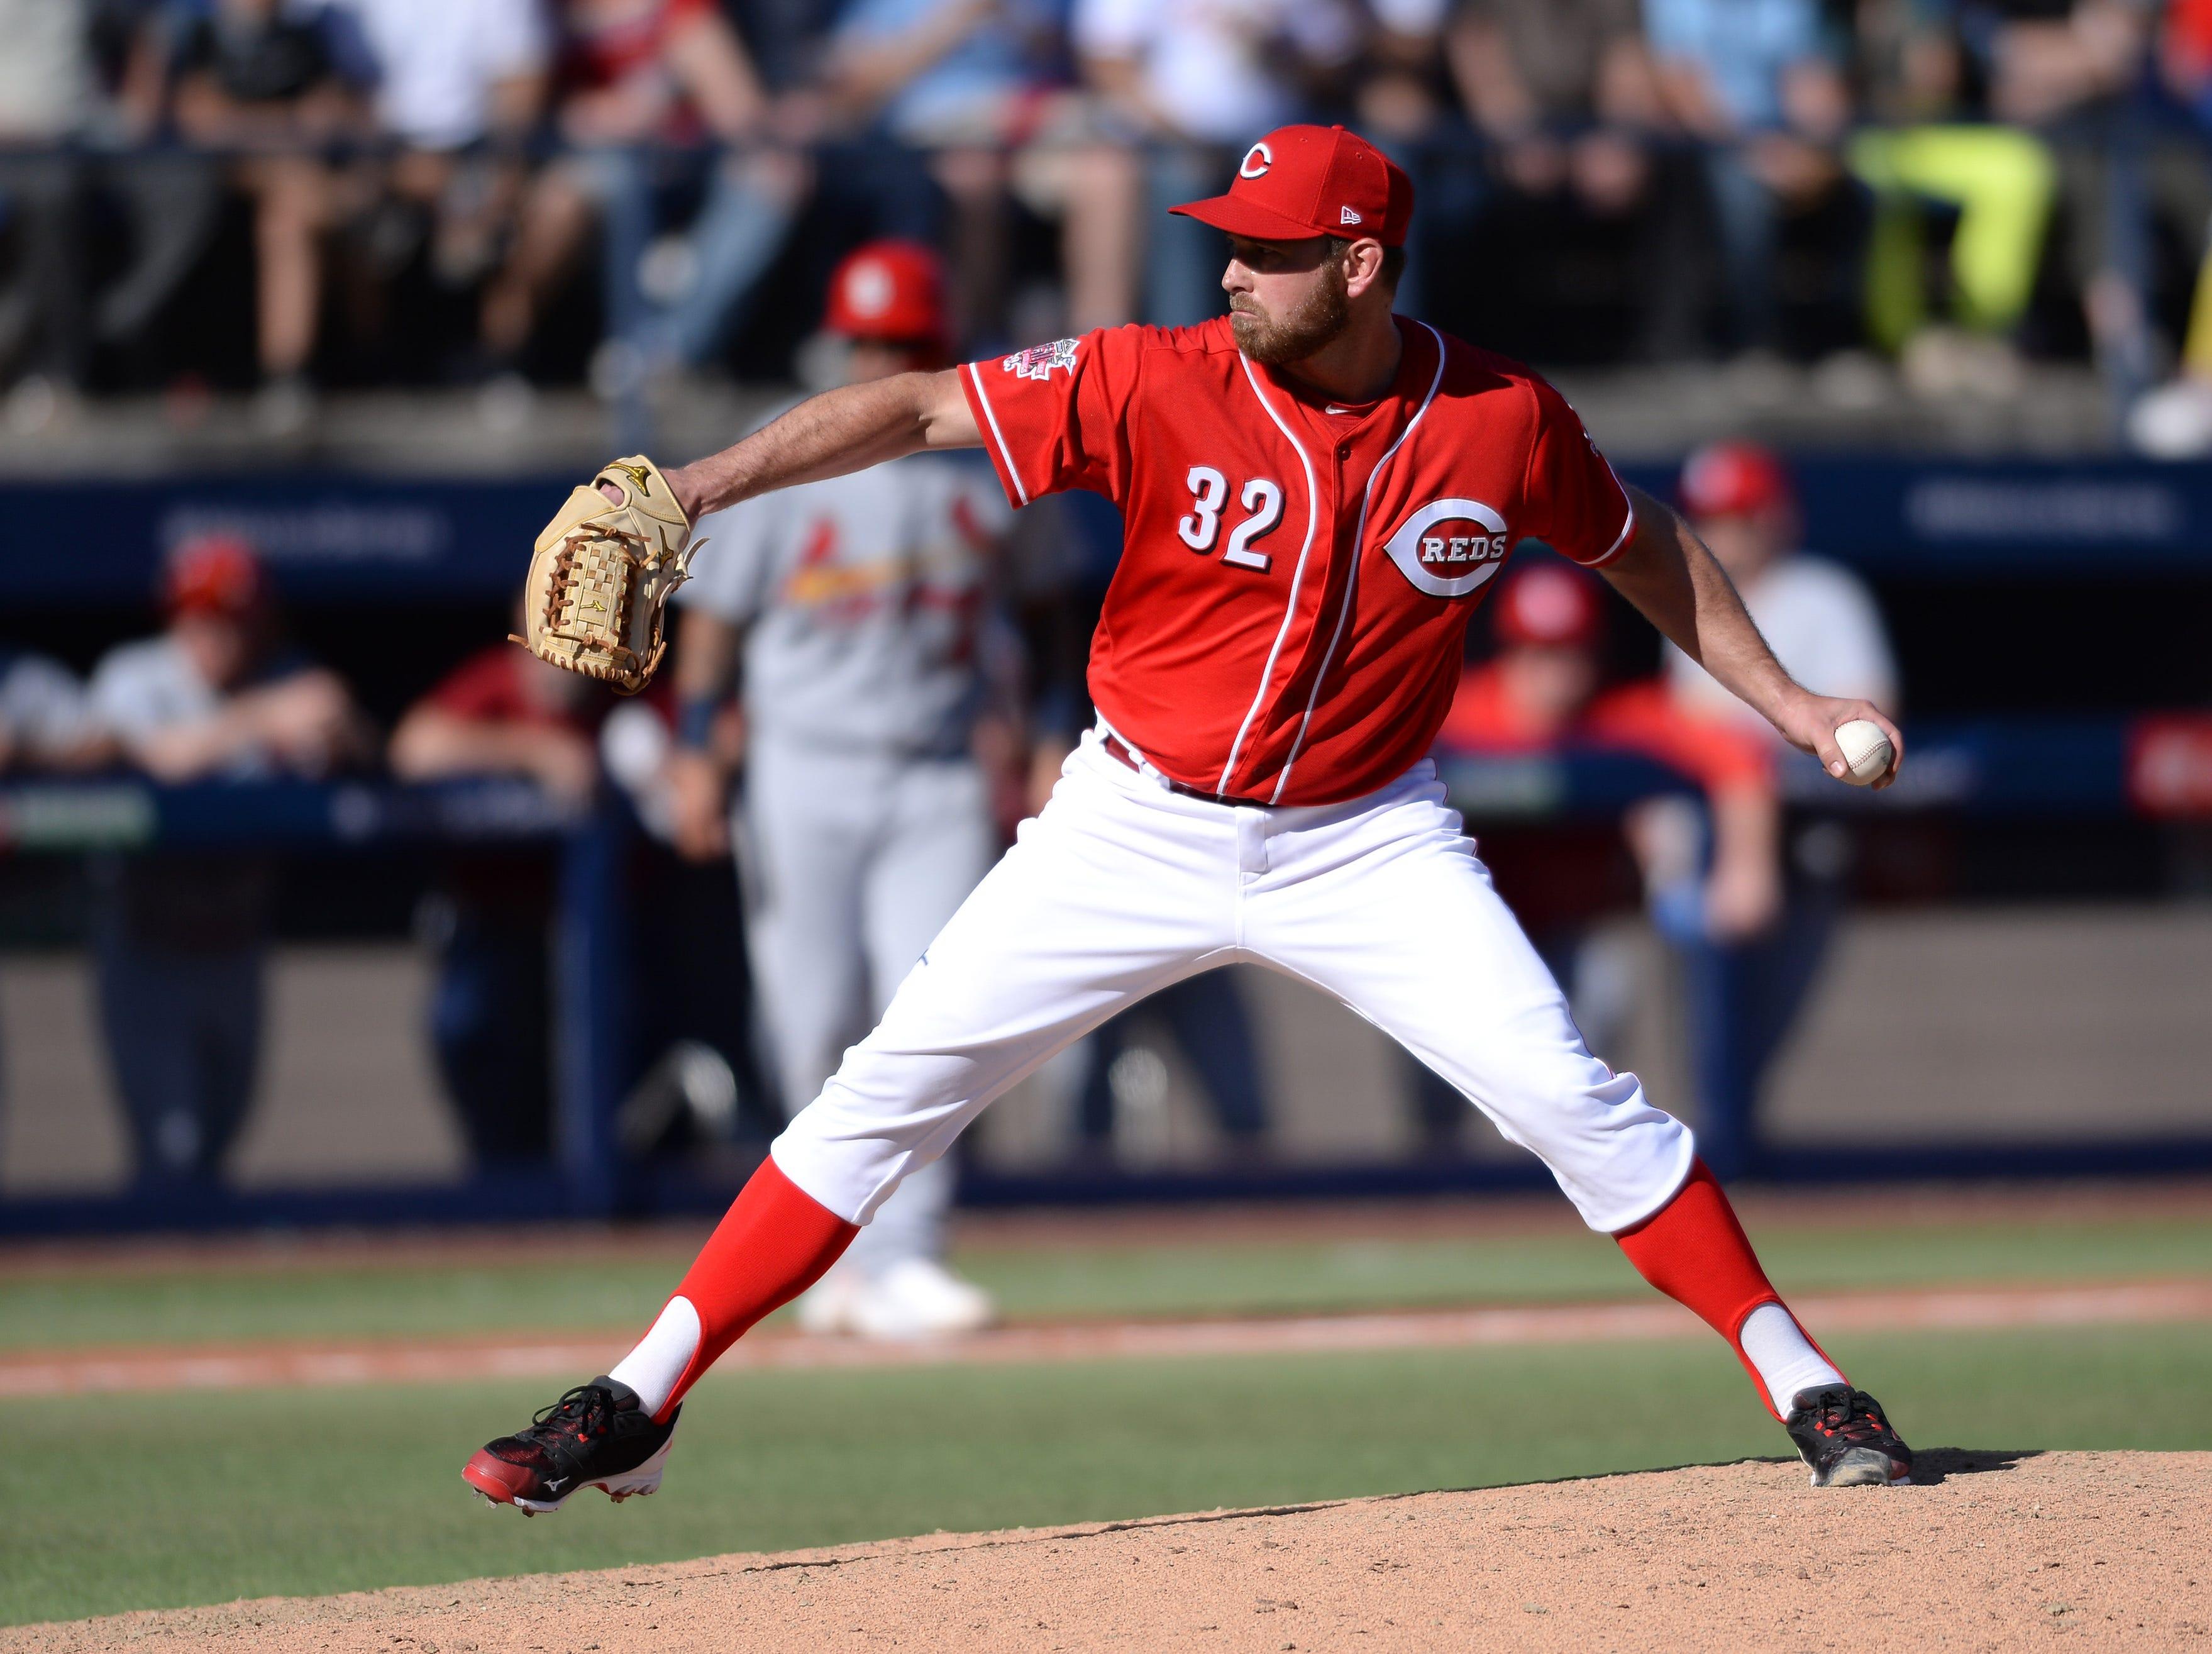 Cincinnati Reds relief pitcher Zach Duke (32) throws against the St. Louis Cardinals during the seventh inning at Estadio de Beisbol Monterrey.